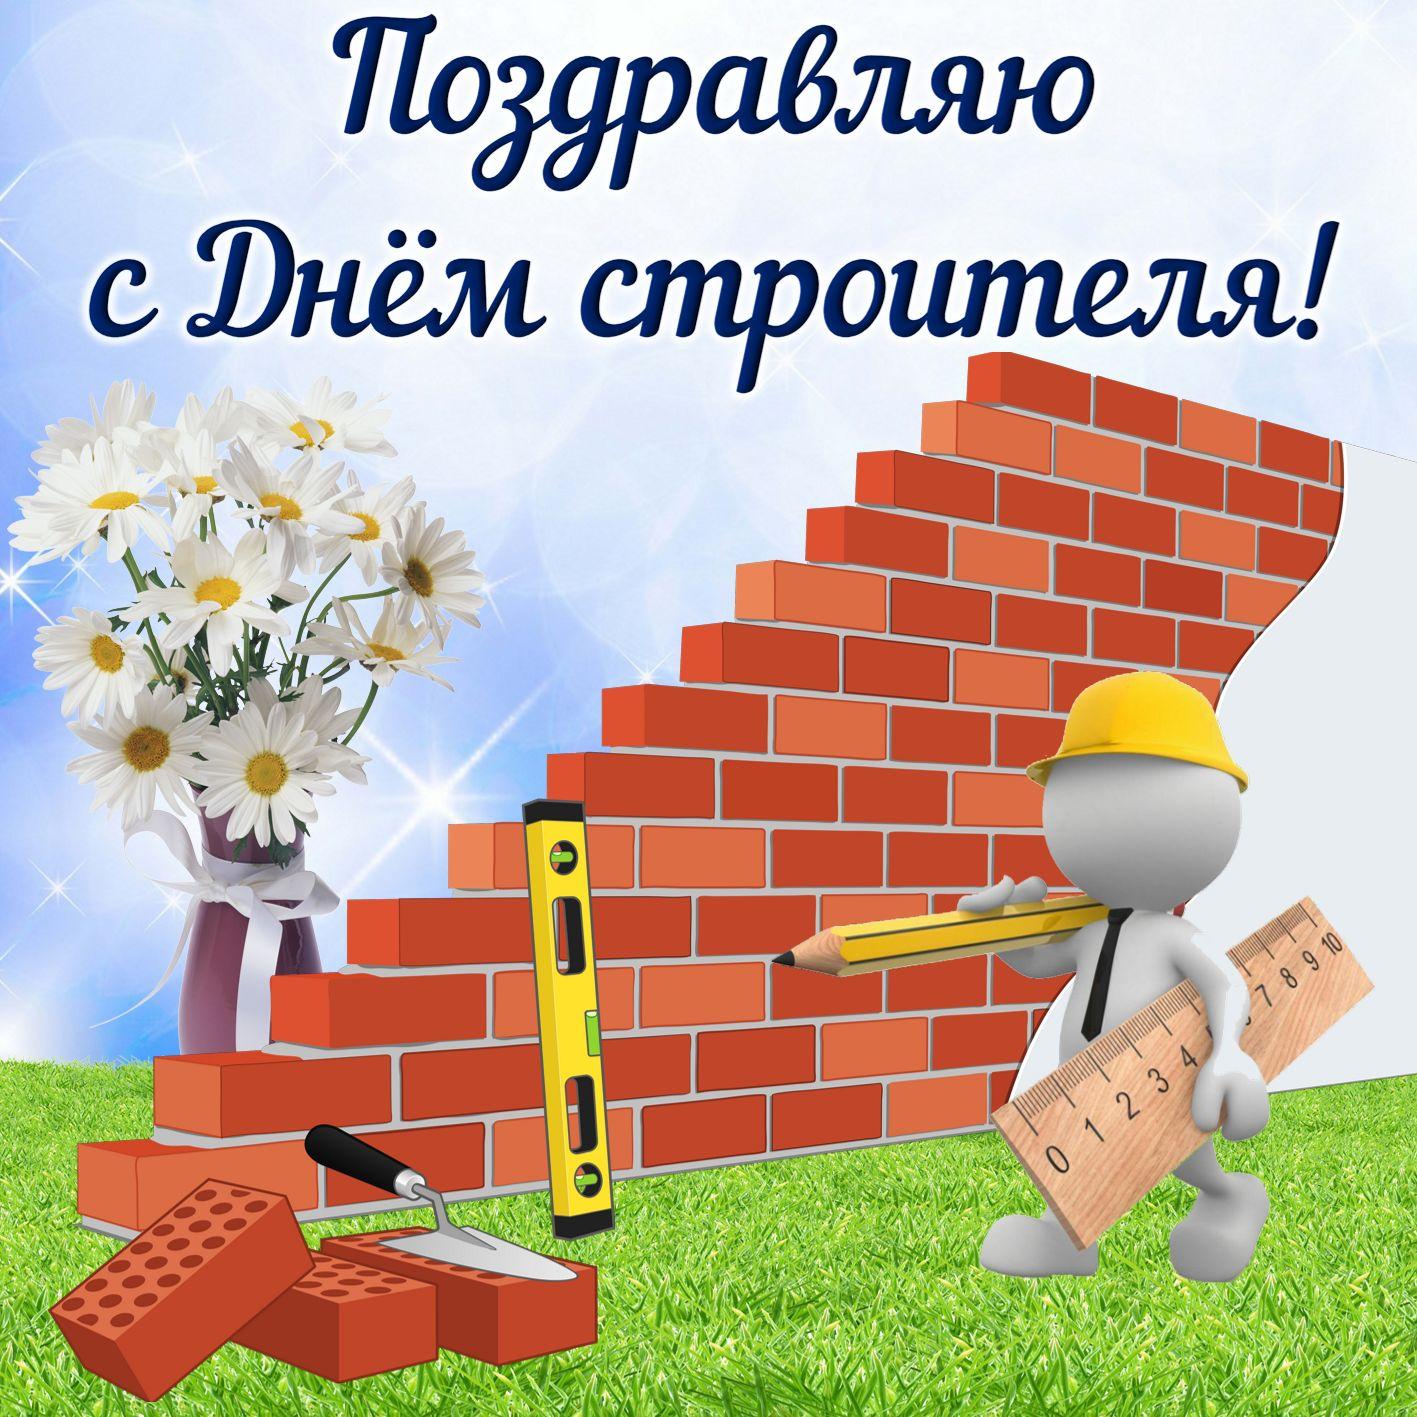 Открытка на День строителя - забавный строитель у кирпичной стены